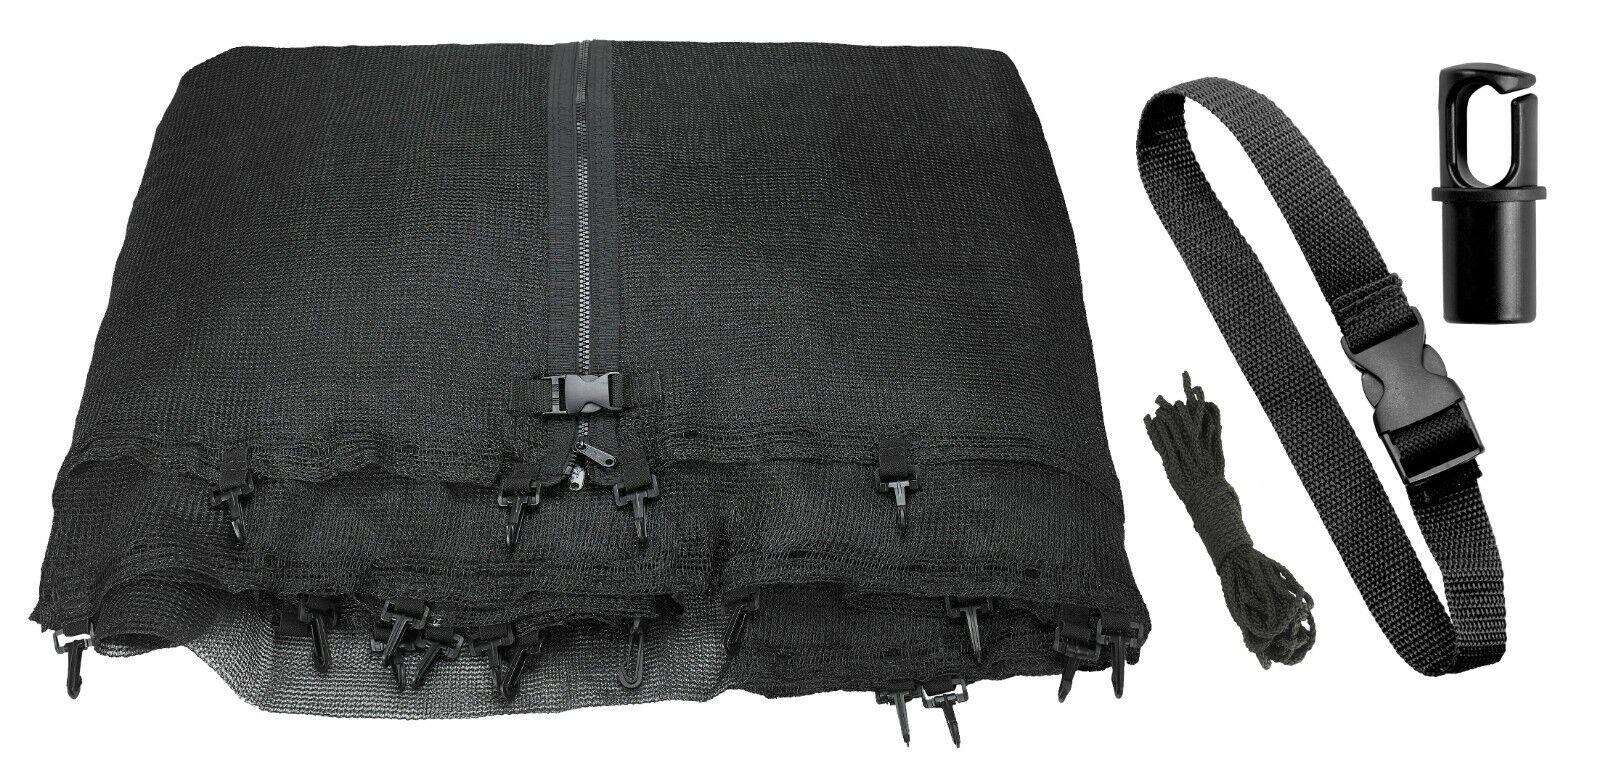 Rete di Projoezione Ricambio Universale Trampolino rojoondo Multi Marca e Modello